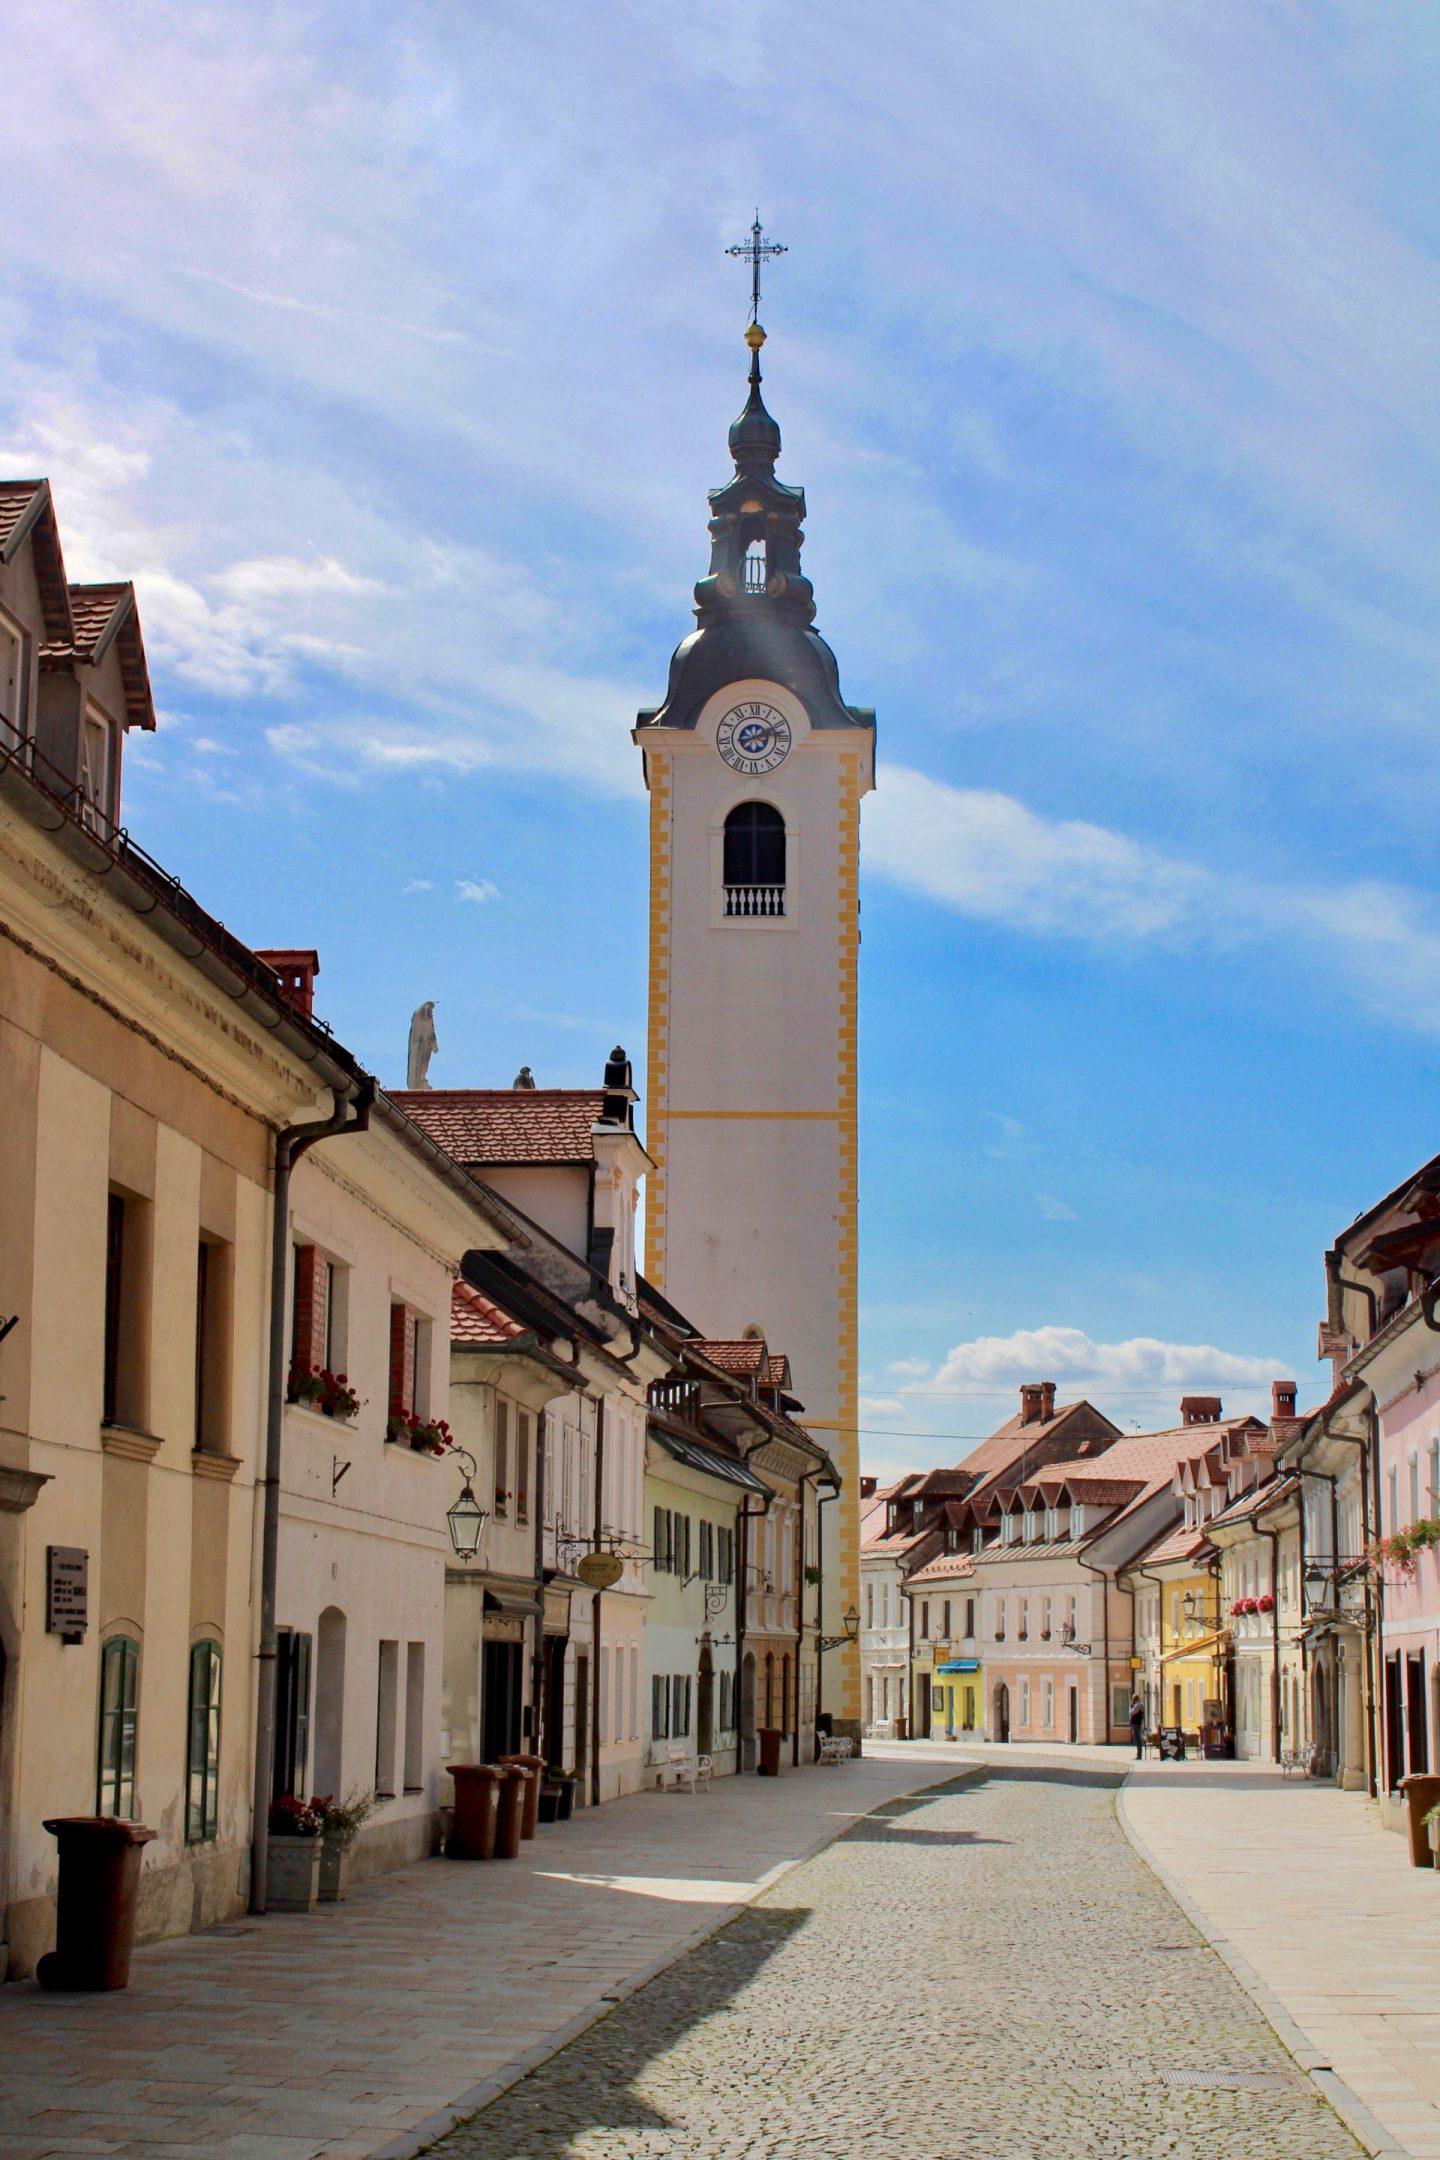 Kamnik and Velika Planina: The town of Kamnik in the Ljubljana region